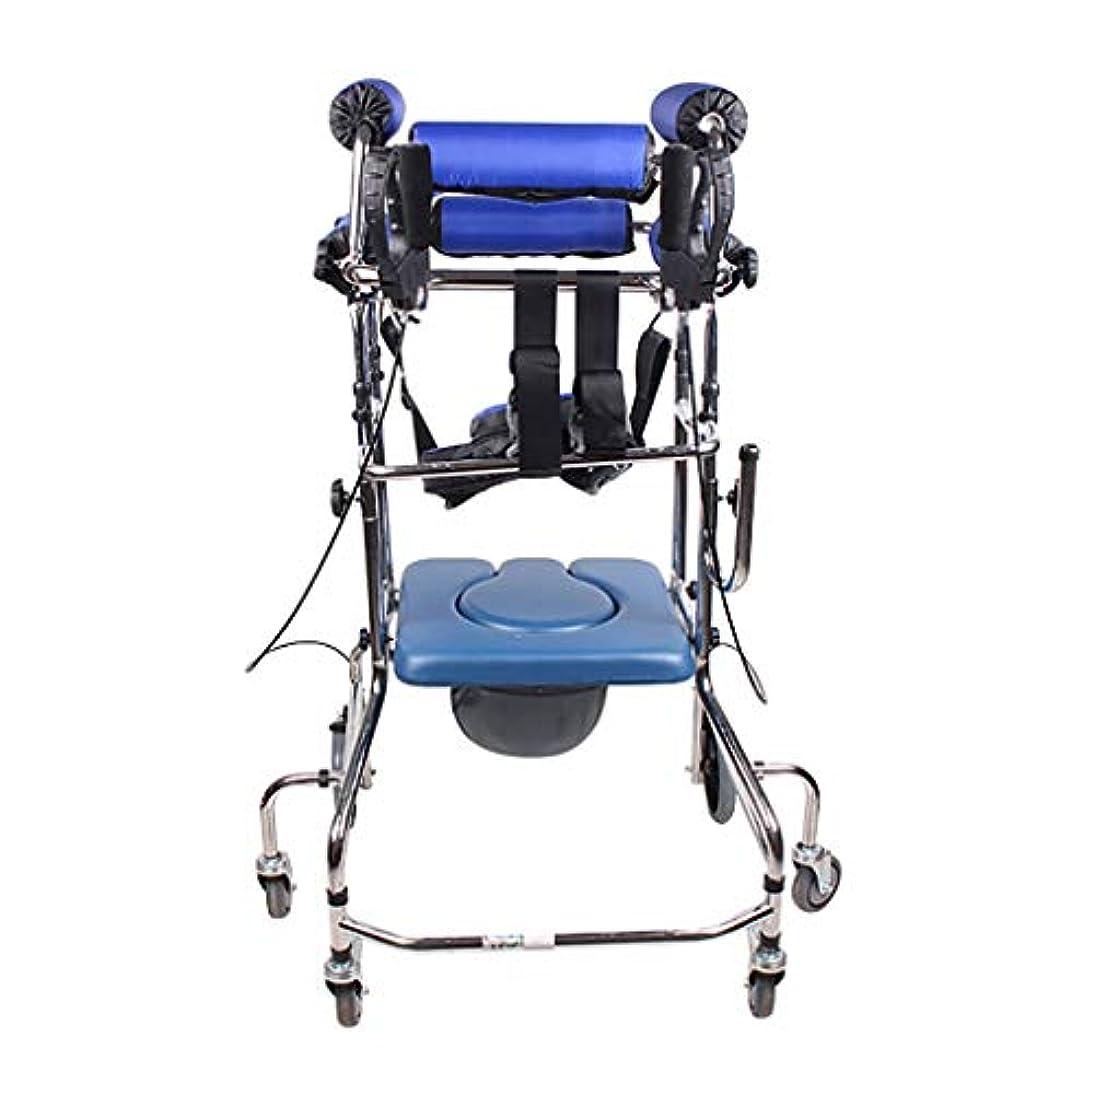 忠実な調停者乙女スタンディングウォーキングラック/ウォーカー/身体障害者用手すり車椅子立ちベッド青6ラウンドハンドブレーキプラスフットブレーキトイレに追加